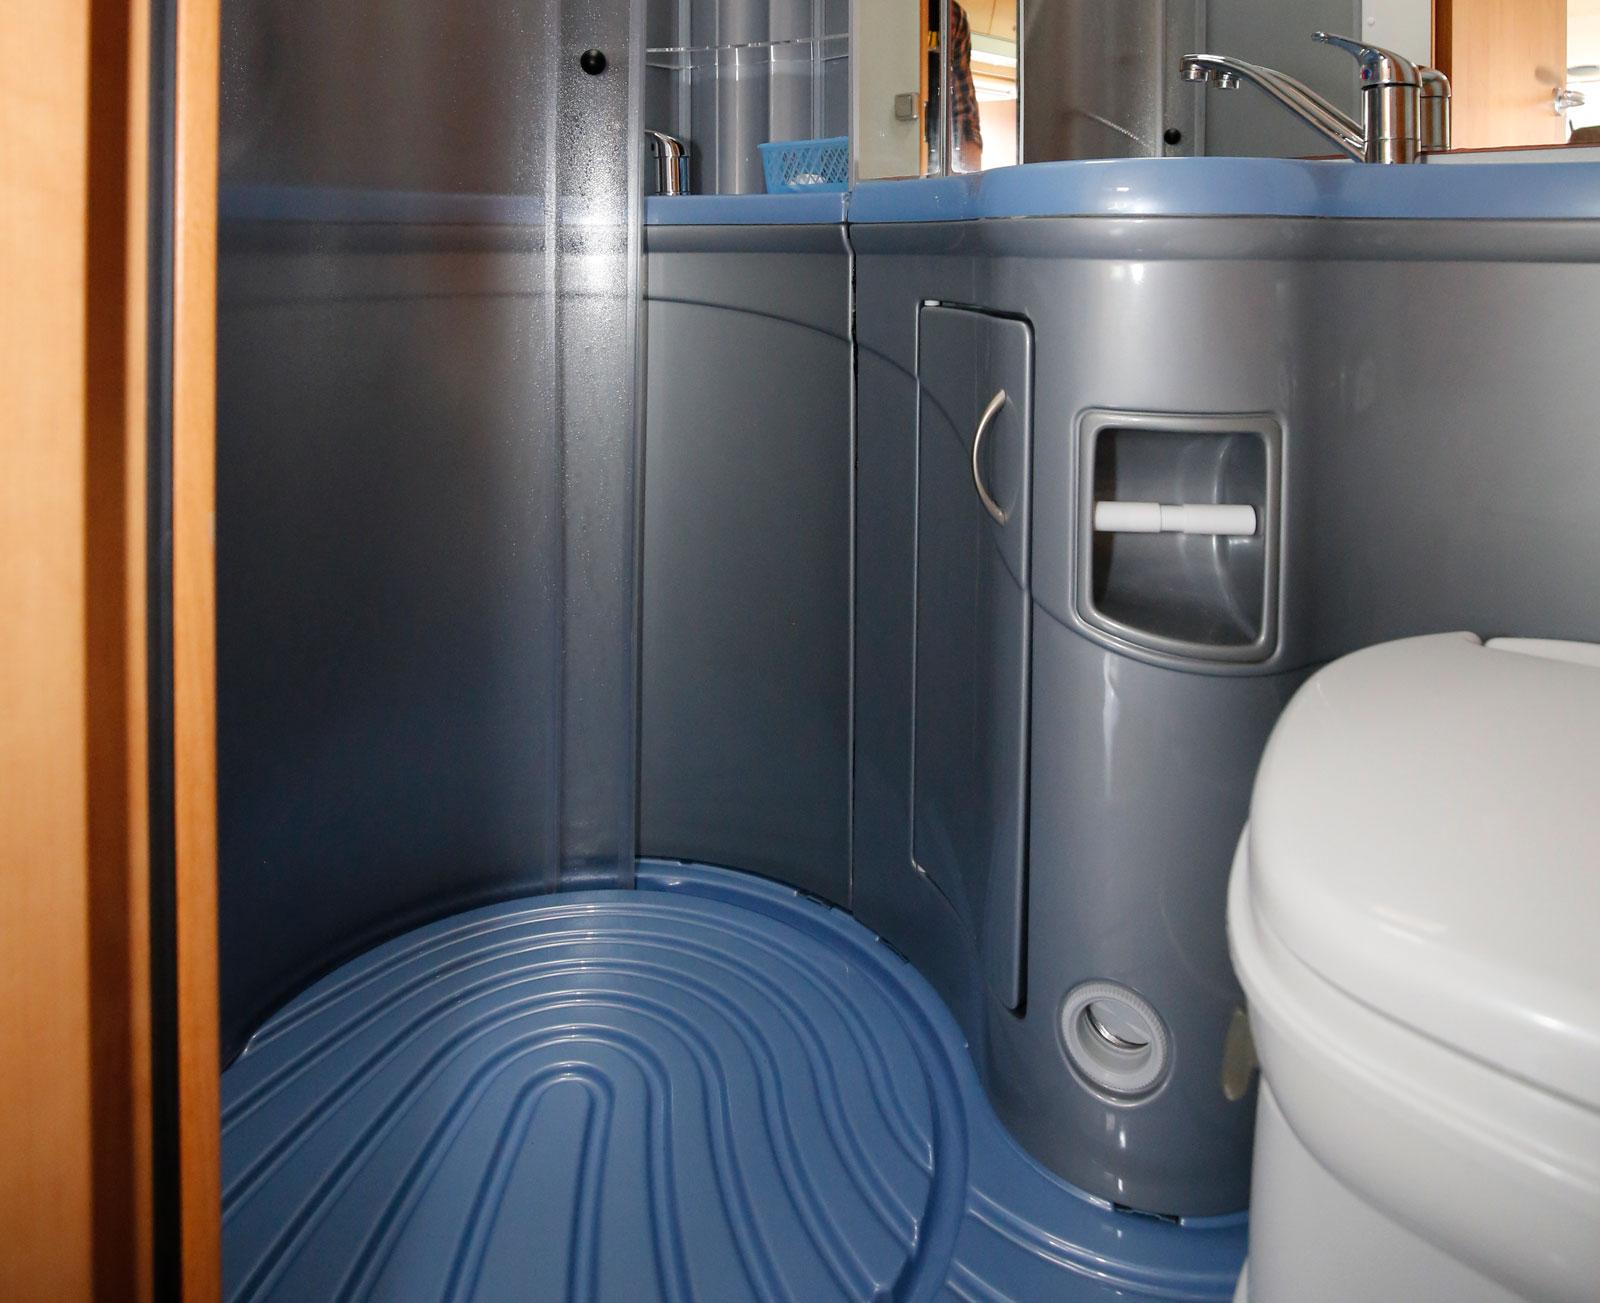 Duschkabin i form av en rörpostcylinder och ett i övrigt rätt plastigt badrum men för all del både praktiskt och rymligt.